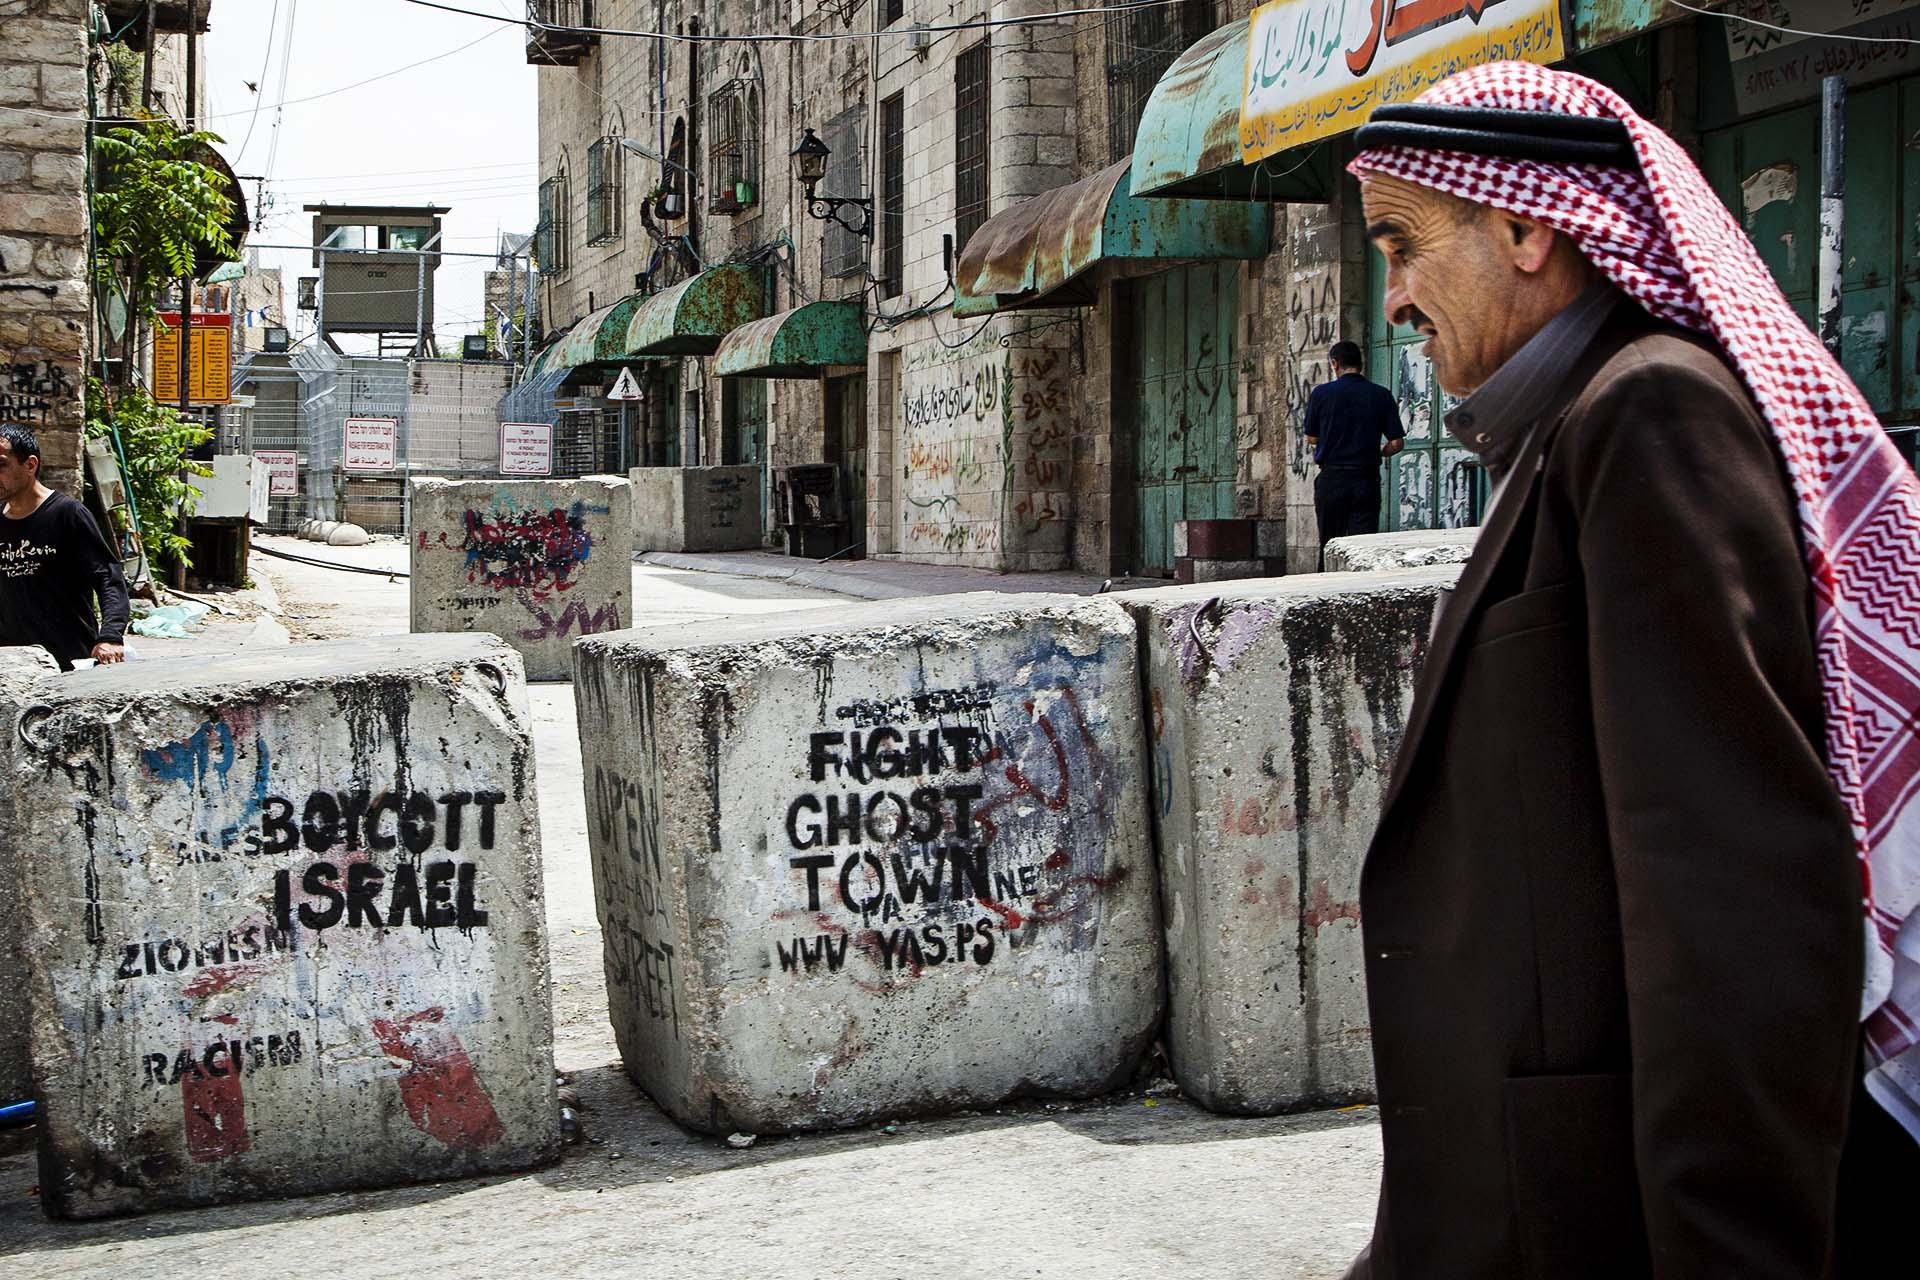 El centro de Al Khalil (Hebrón) está tomado por el ejército israelí desde hace años